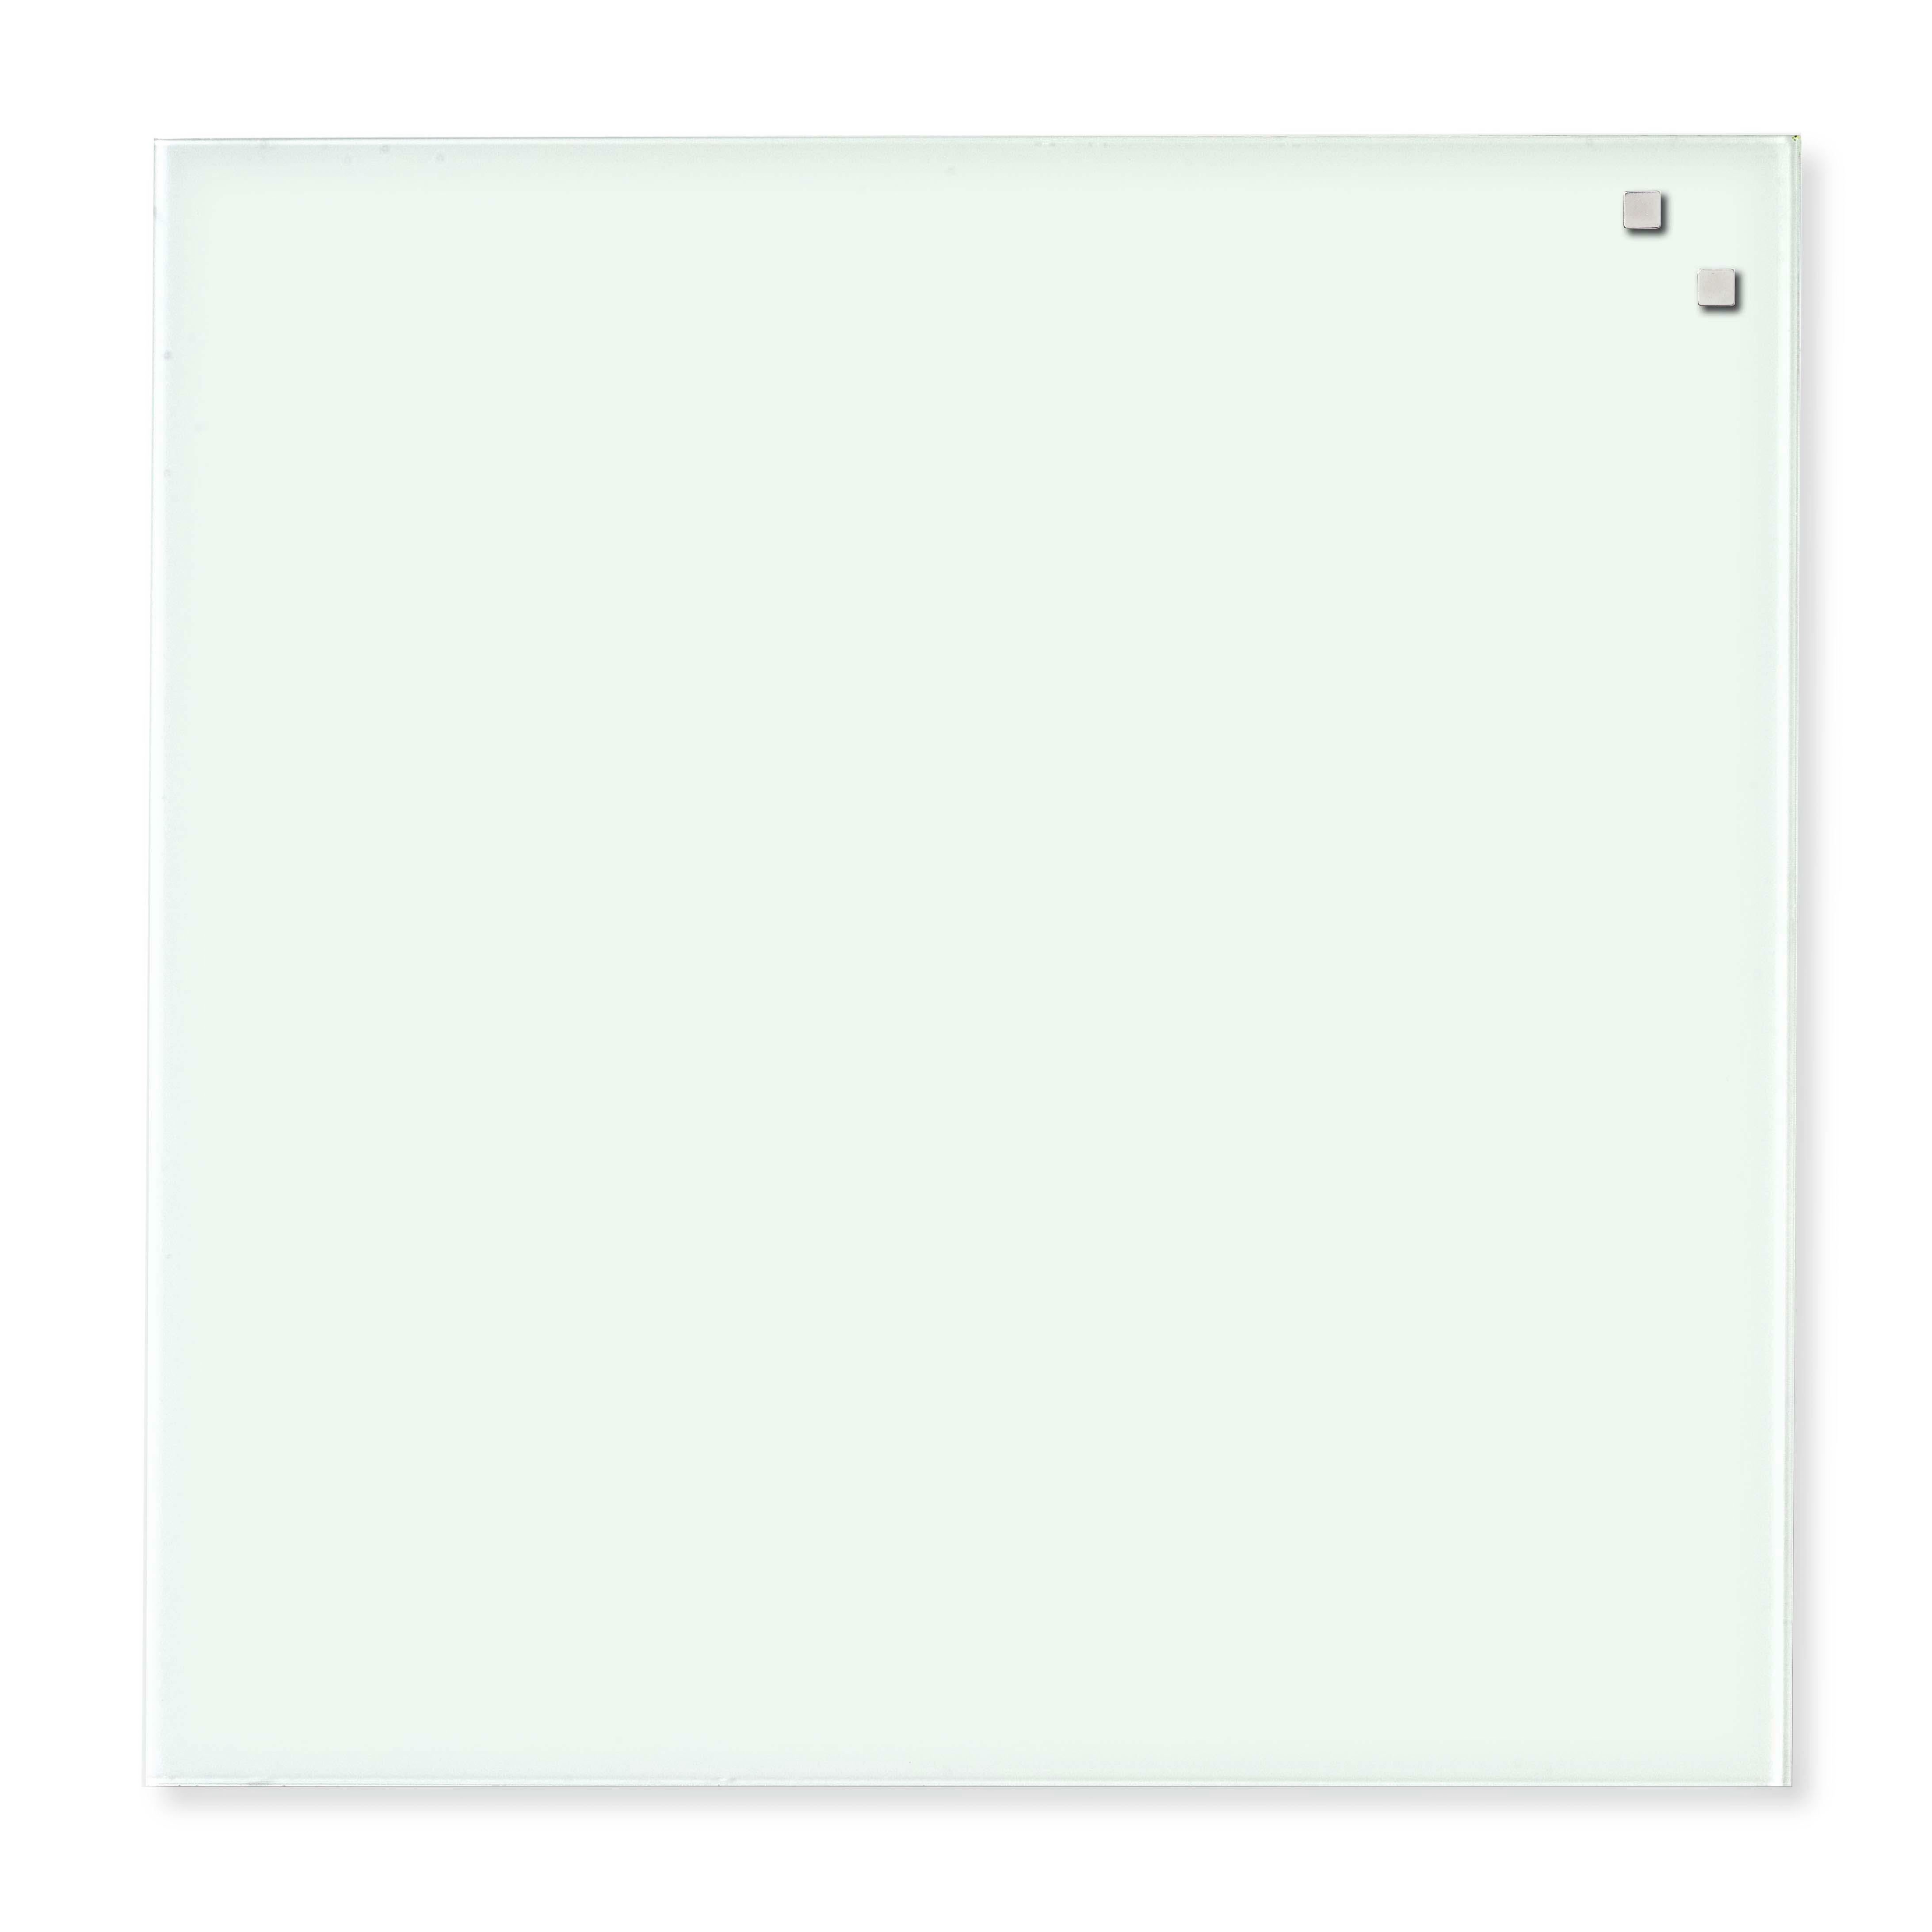 Tabule magnetické skleněné - 100 x 100 cm / bílá